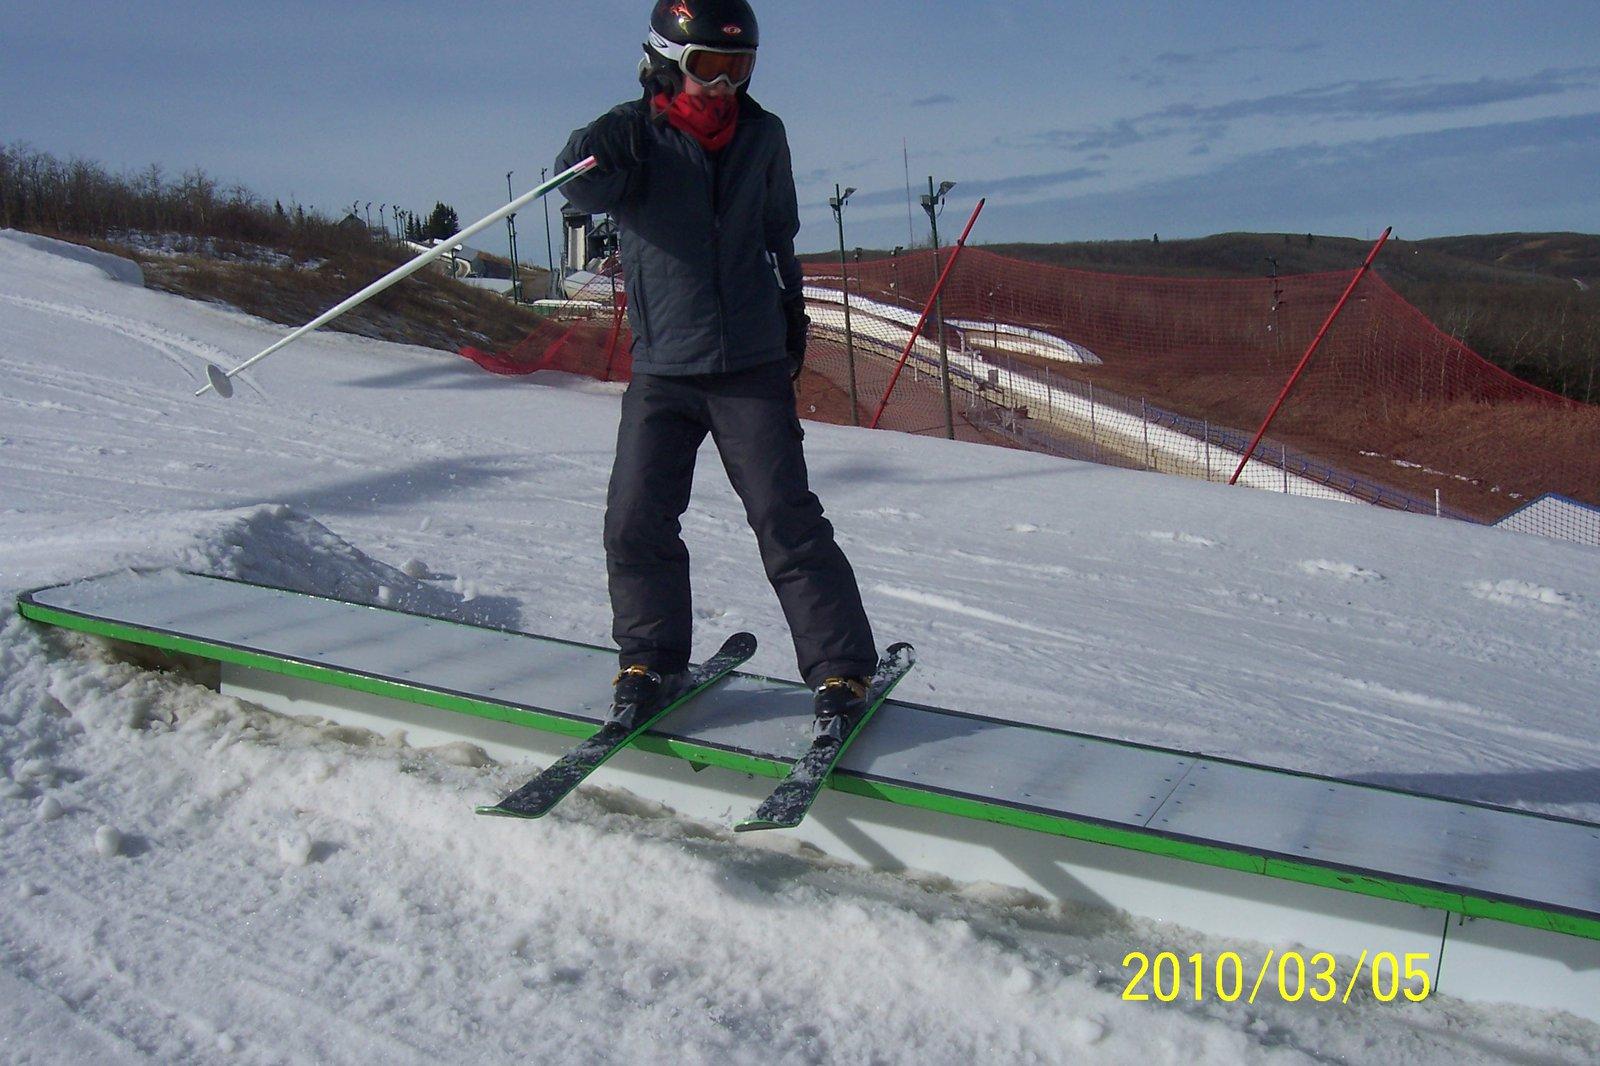 Boardslide... on skis